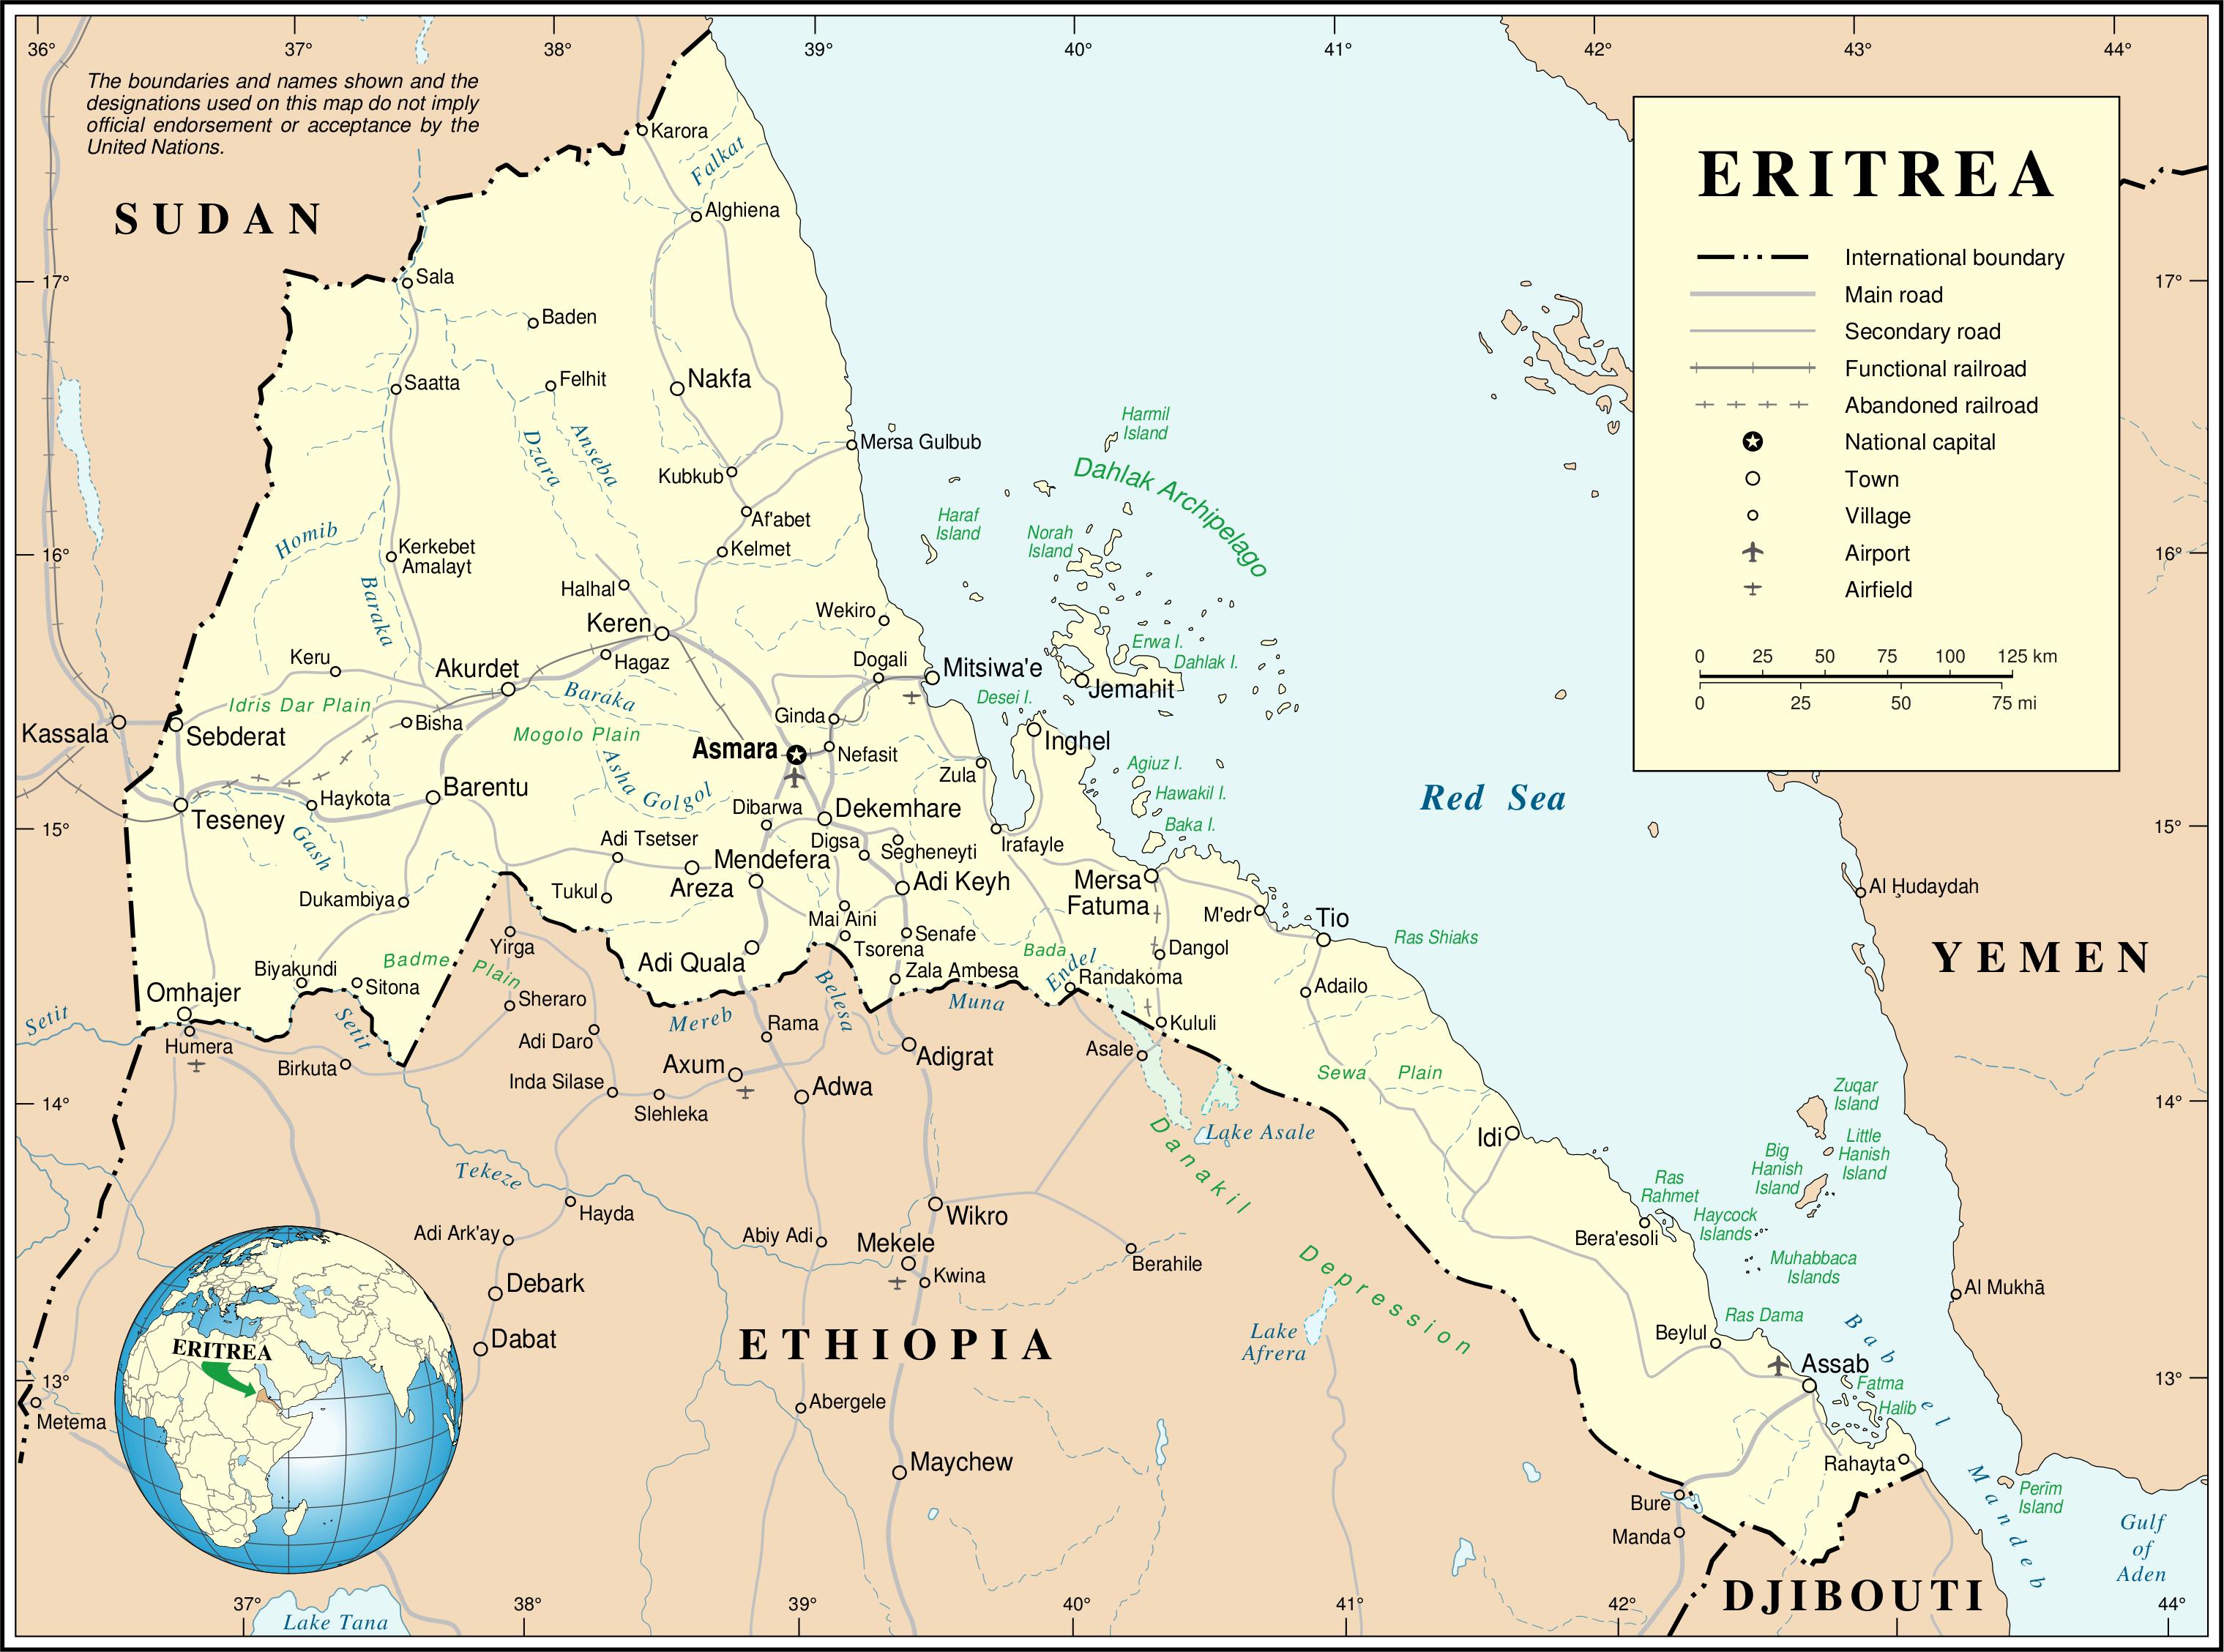 meskerem eritrean oppstion